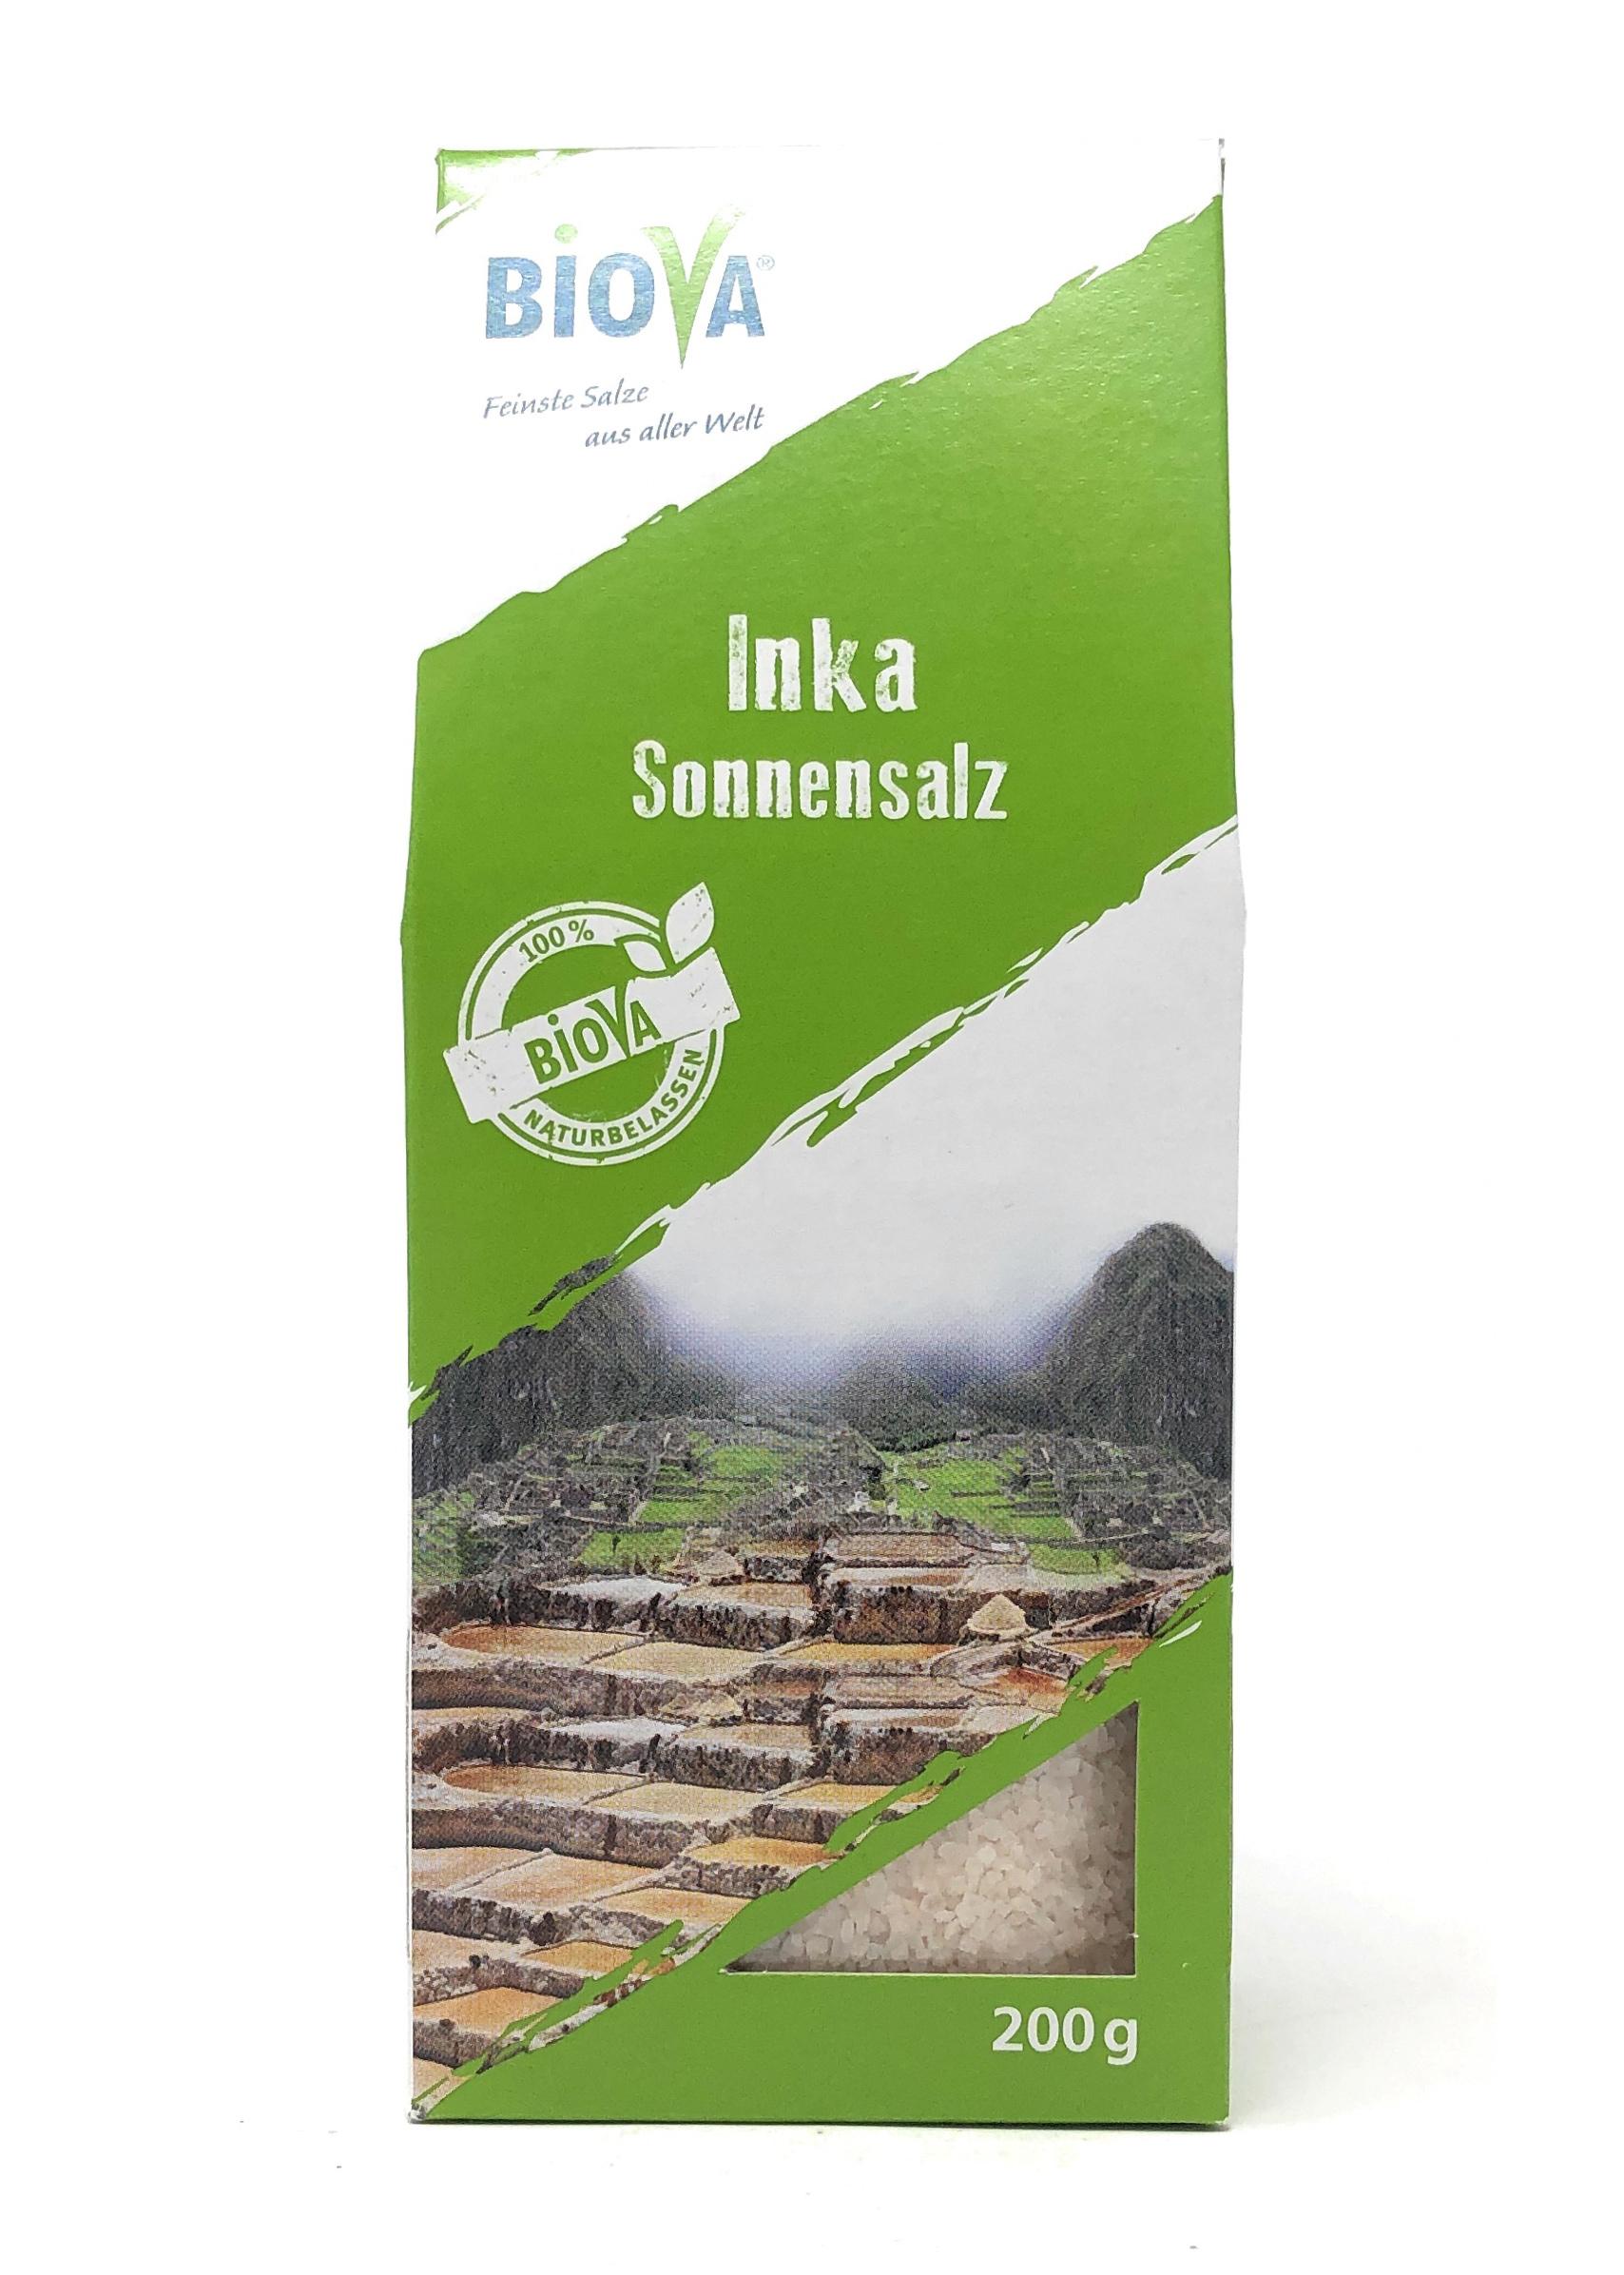 Biova Gourmetsalz Inka Sonnensalz (Andensalz) aus Peru 1-3mm 200g